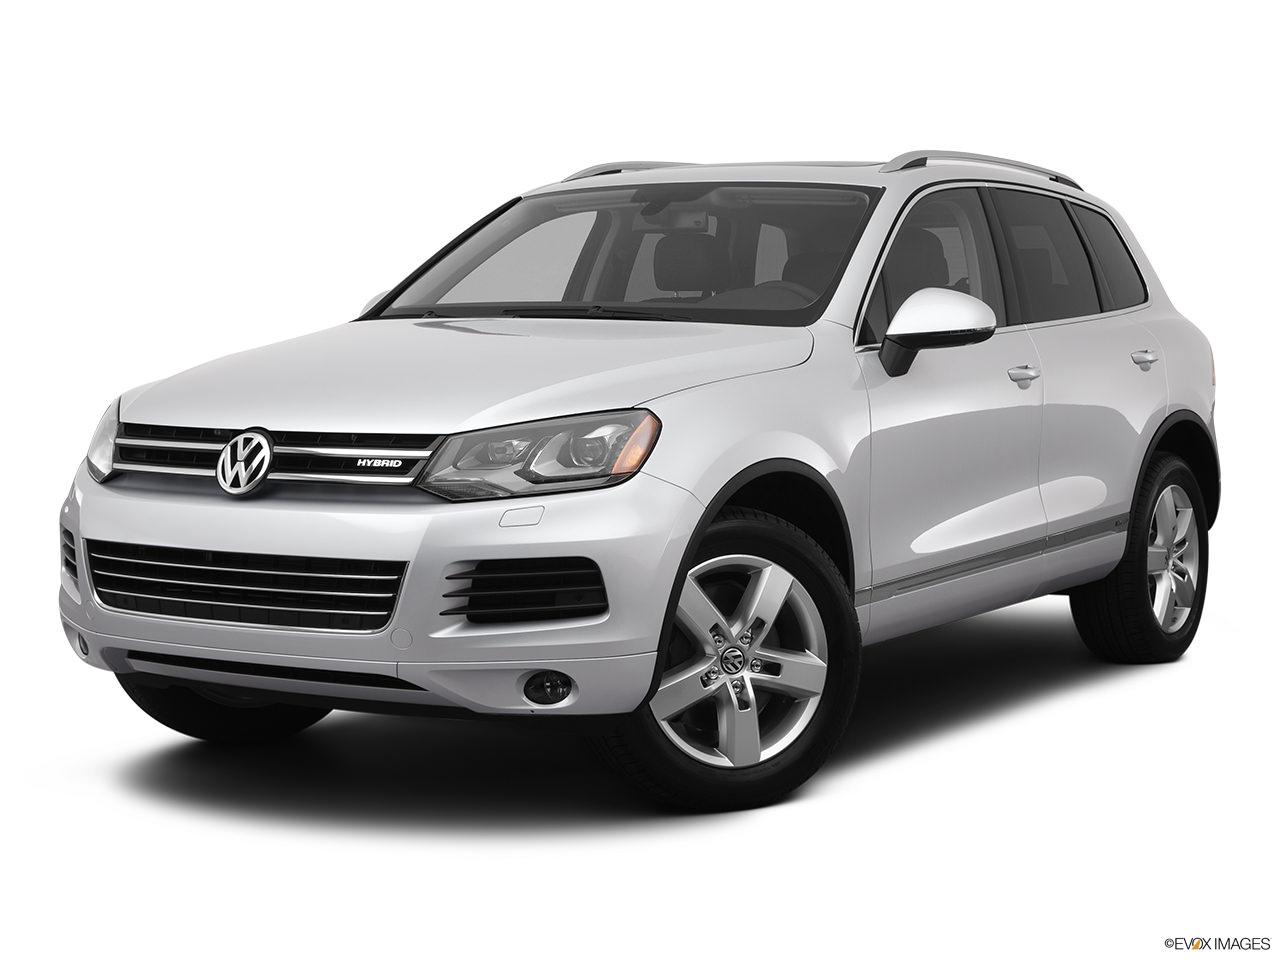 Volkswagen Touareg Hybrid 2012